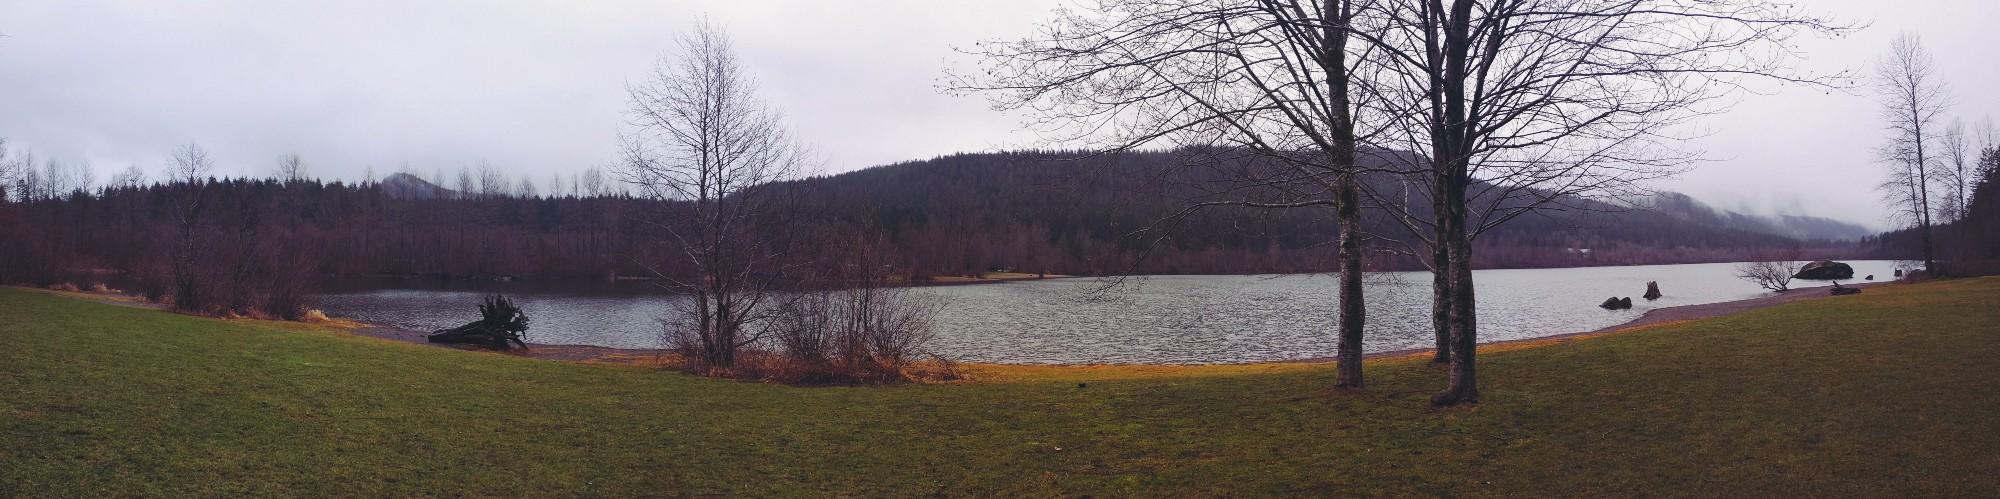 Panoramic of Rattlesnake Lake